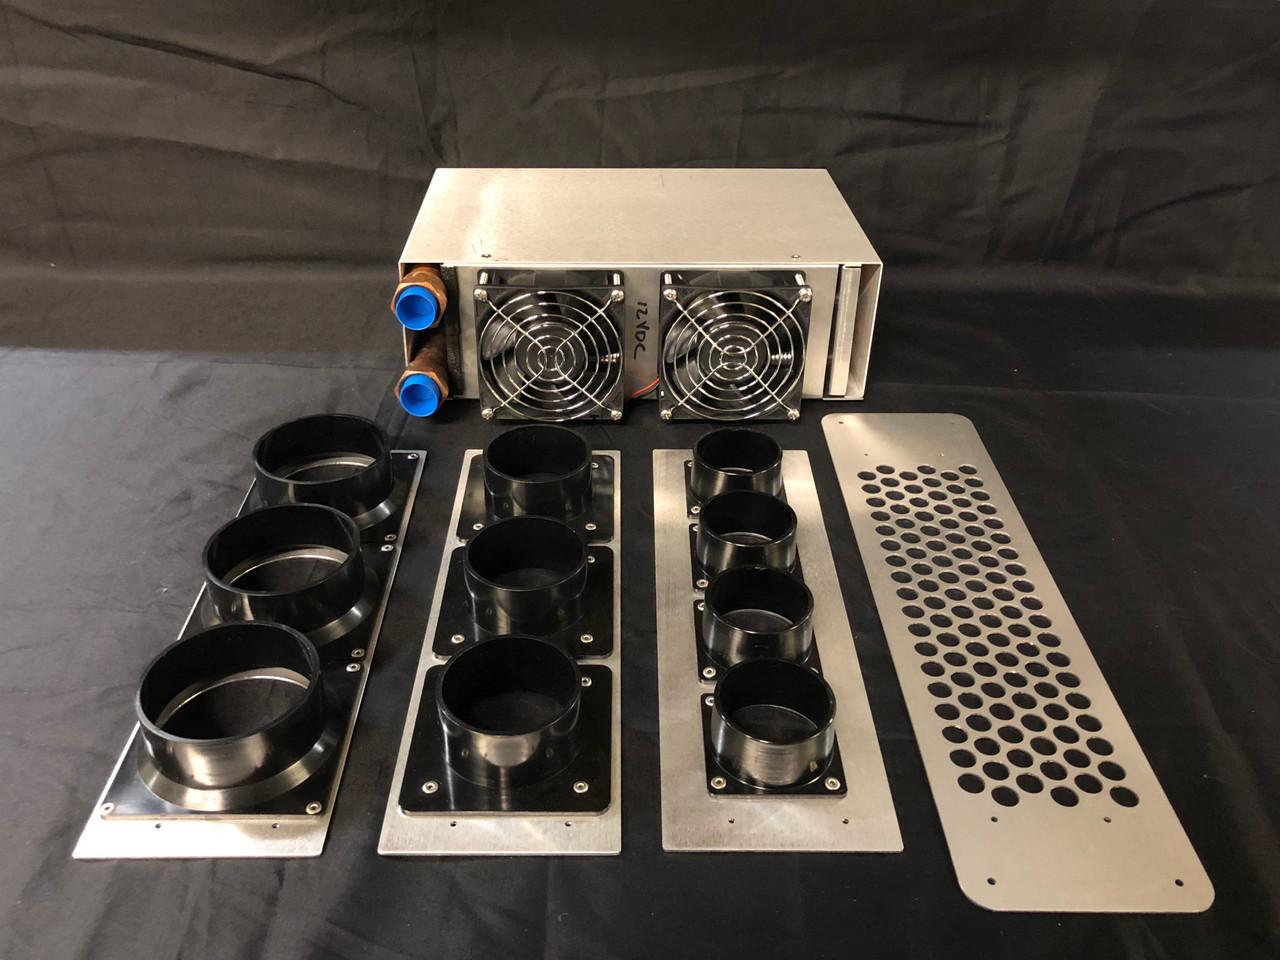 com-four/® humidificateur dair 3X Chauffage humidificateur dair /à radiateur Leaf 500 ML /évaporateur deau de Chauffage en c/éramique en Forme de Feuille Blanc. Jaune. Vert. Bleu